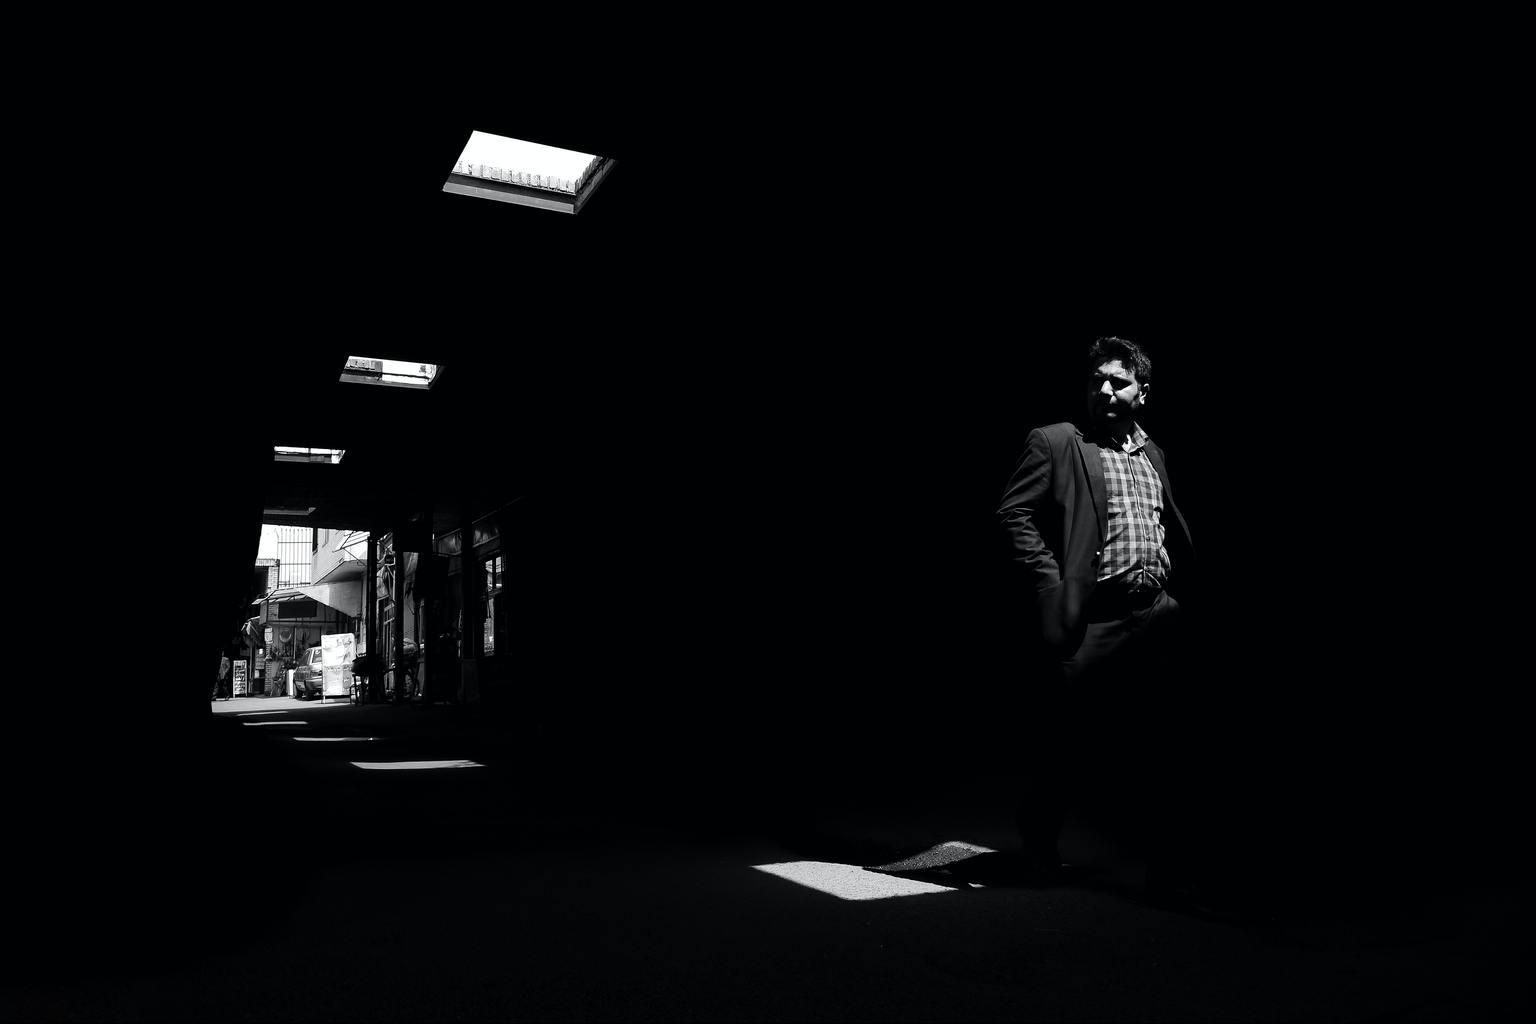 composición blanco y negro de luz y sombras